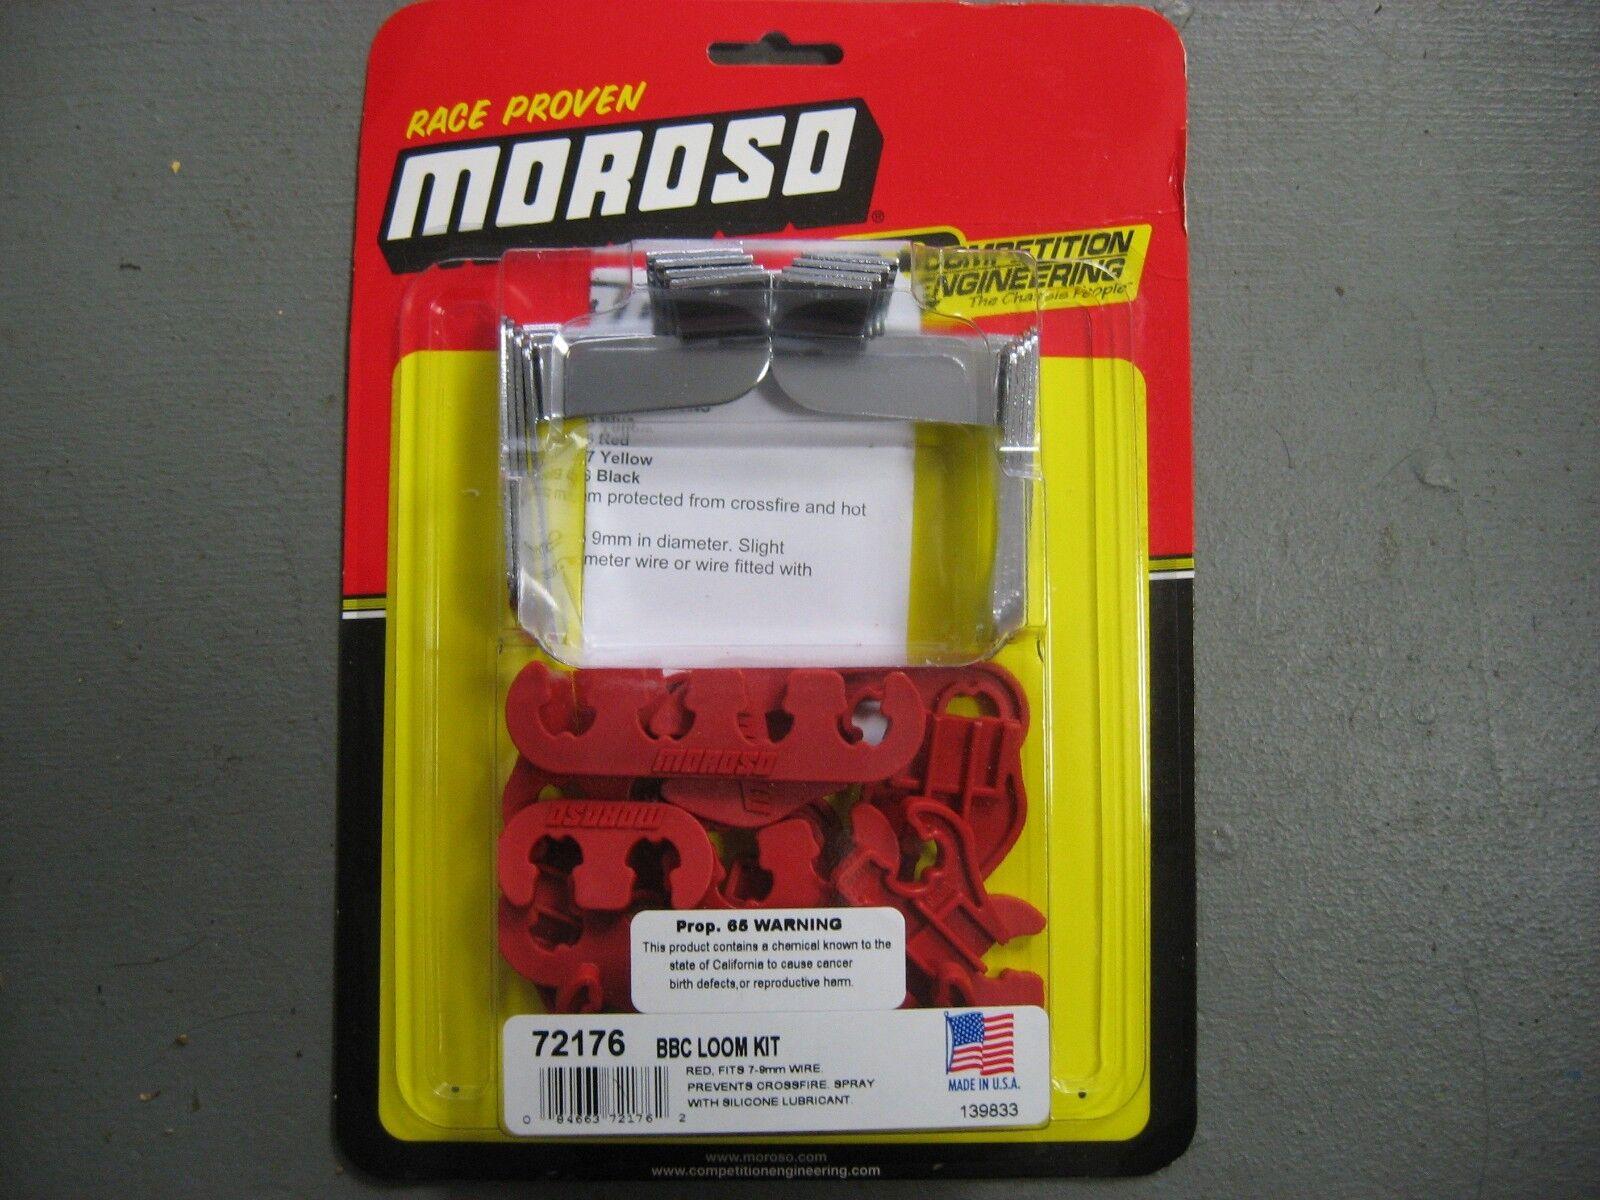 Moroso 72176 Spark Plug Wire Loom Kit | eBay